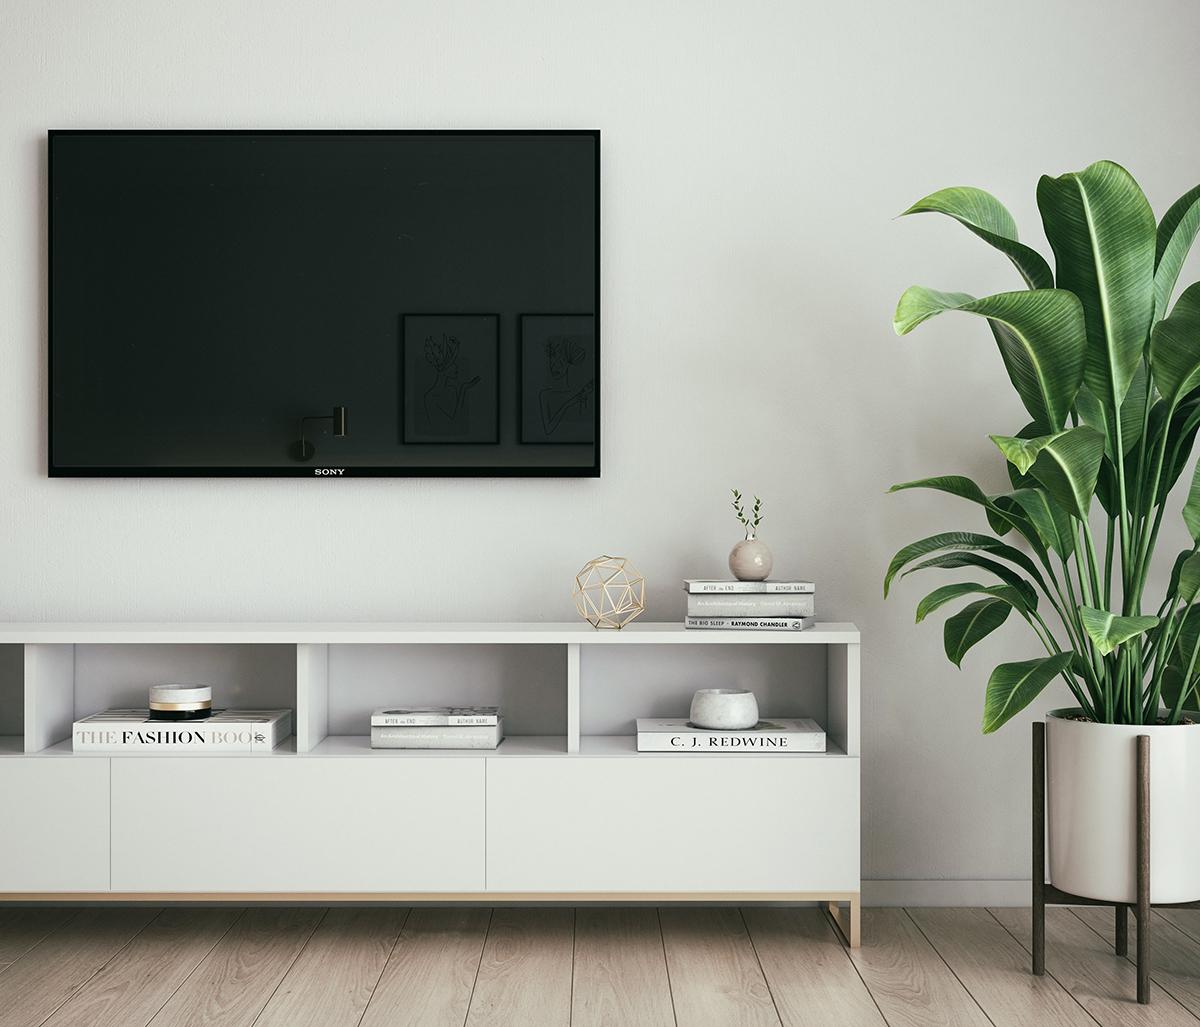 壁掛けテレビとホワイトのシンプルなテレビボードの組み合わせ